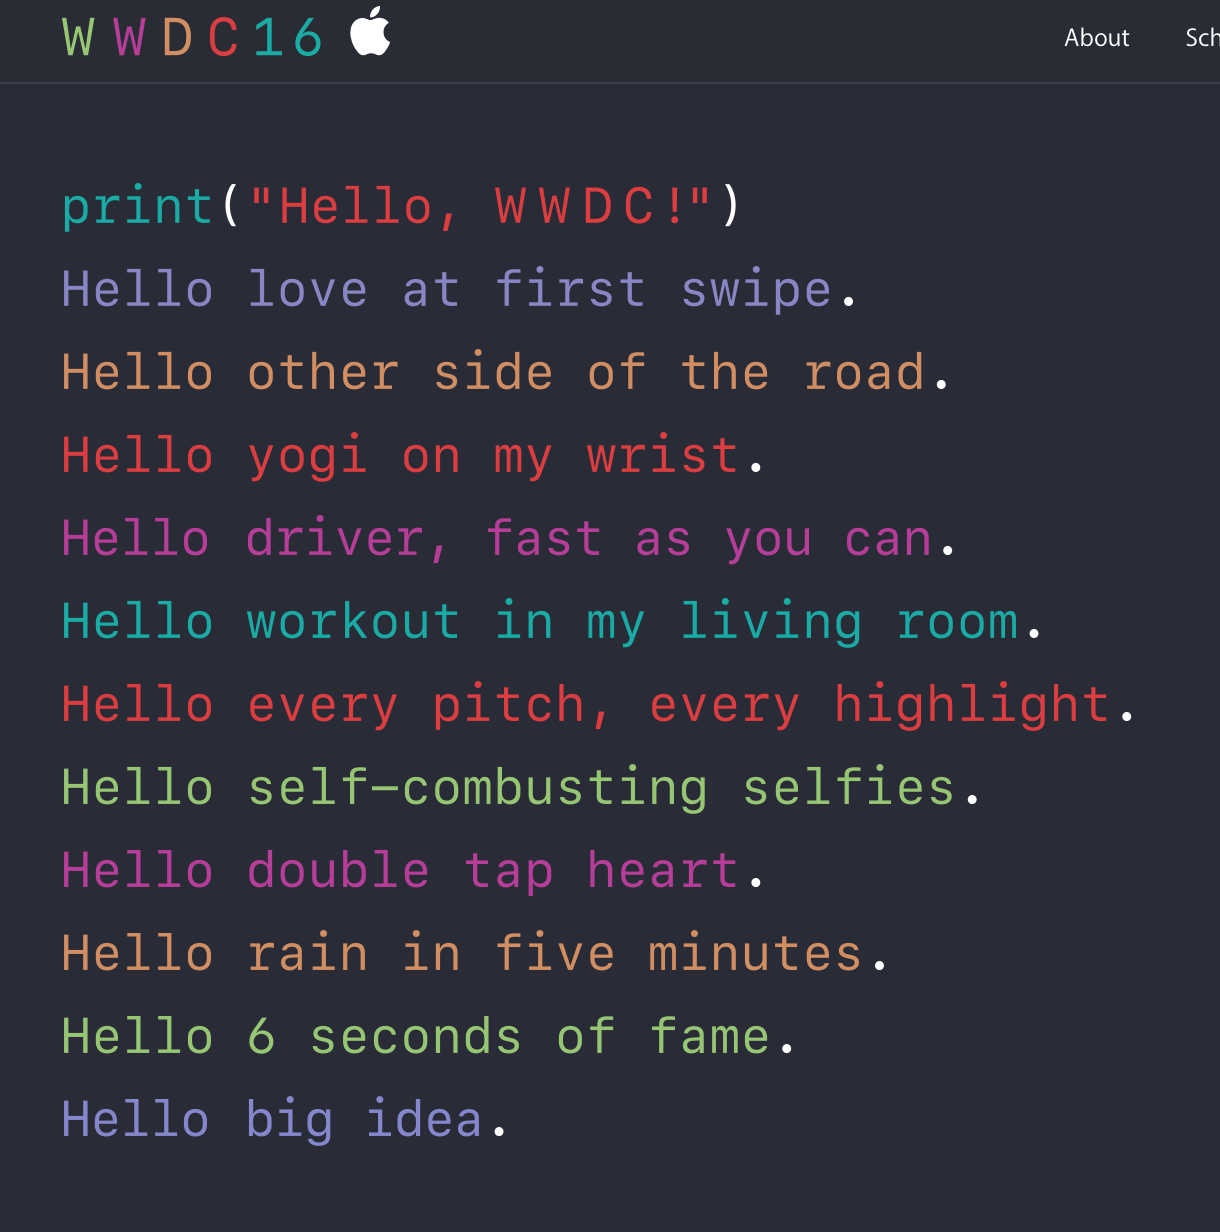 Apple's WWDC Registration Now Open